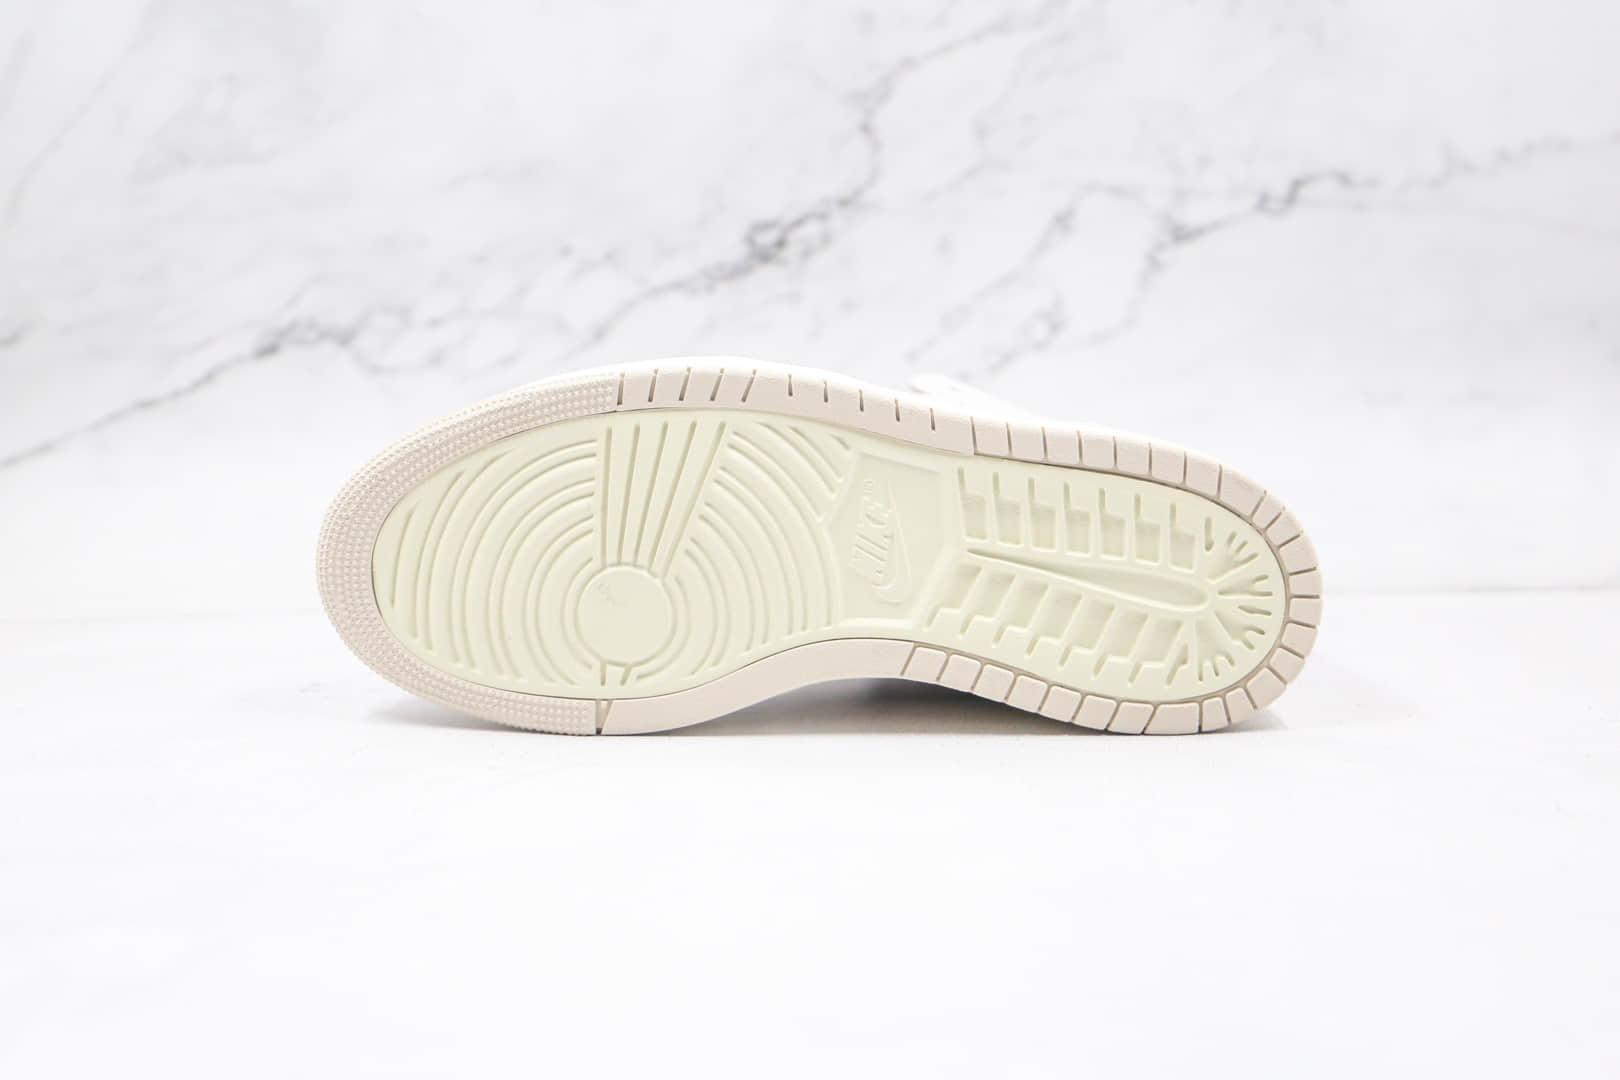 乔丹Air Jordan 1 Zoom Air CMFT Summit White纯原版本高帮AJ1米白珍珠奶茶板鞋正确后跟定型 货号:CT0979-601